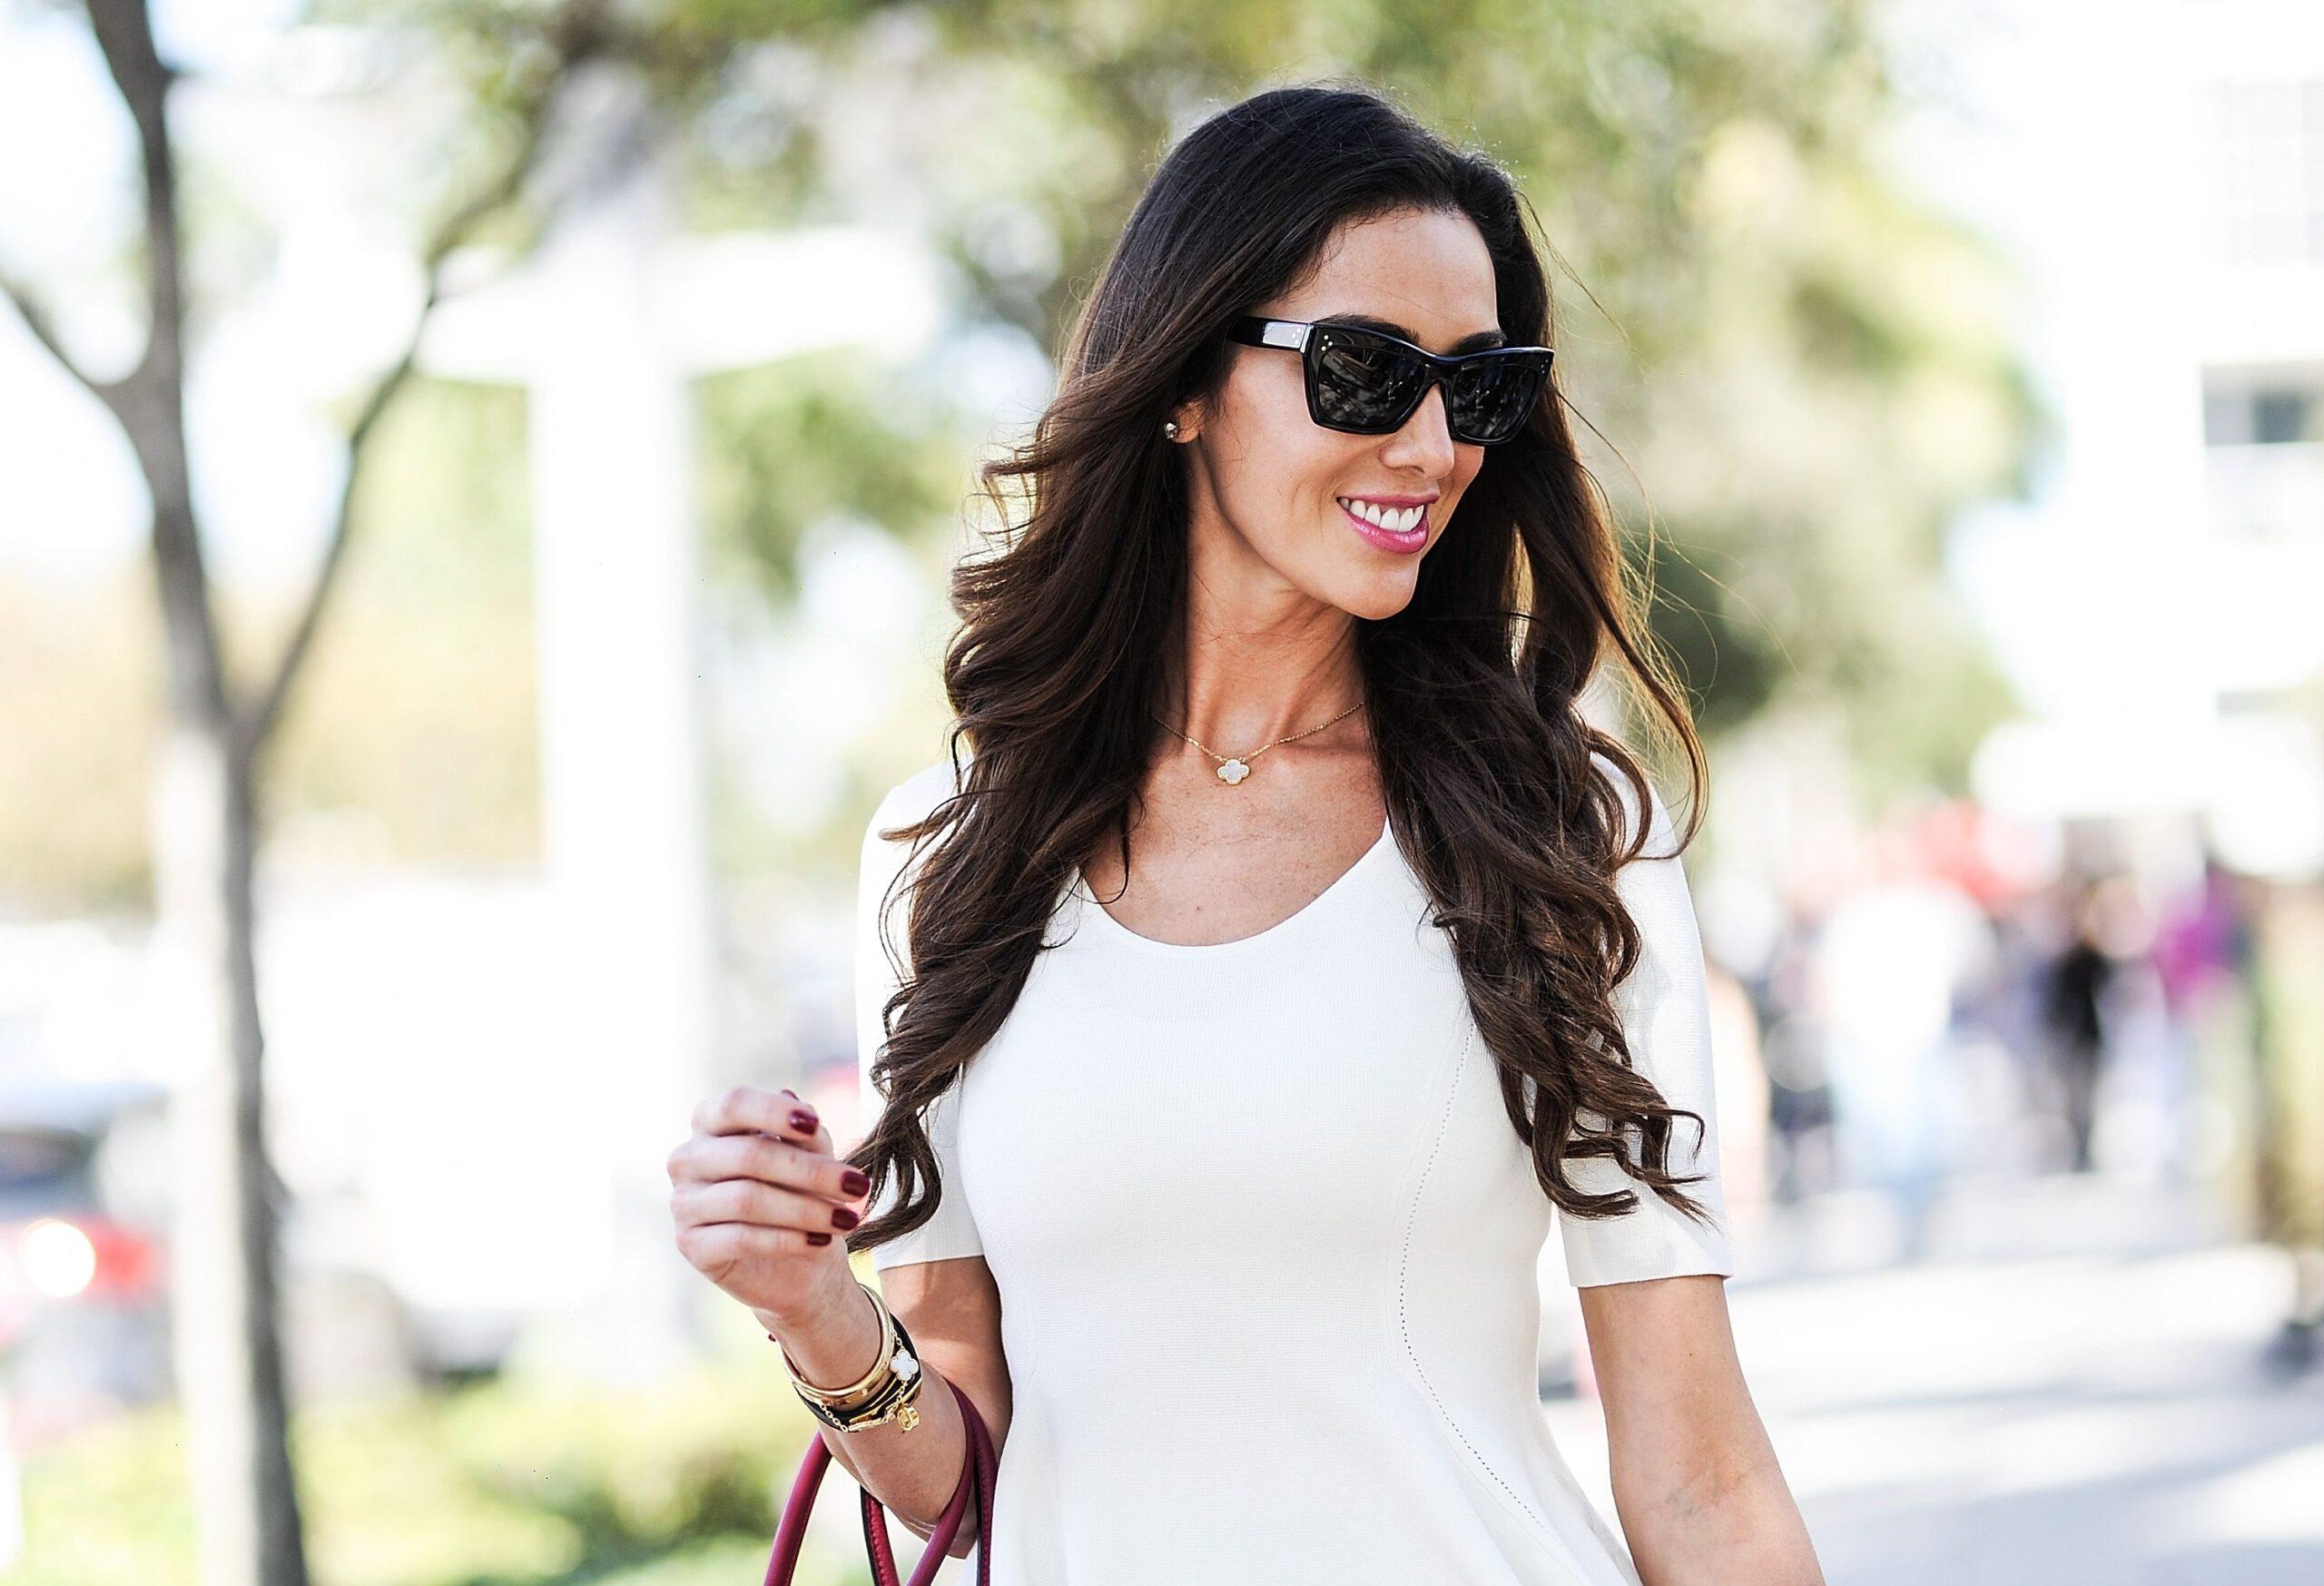 Come capire la personalità di una donna da quello che indossa